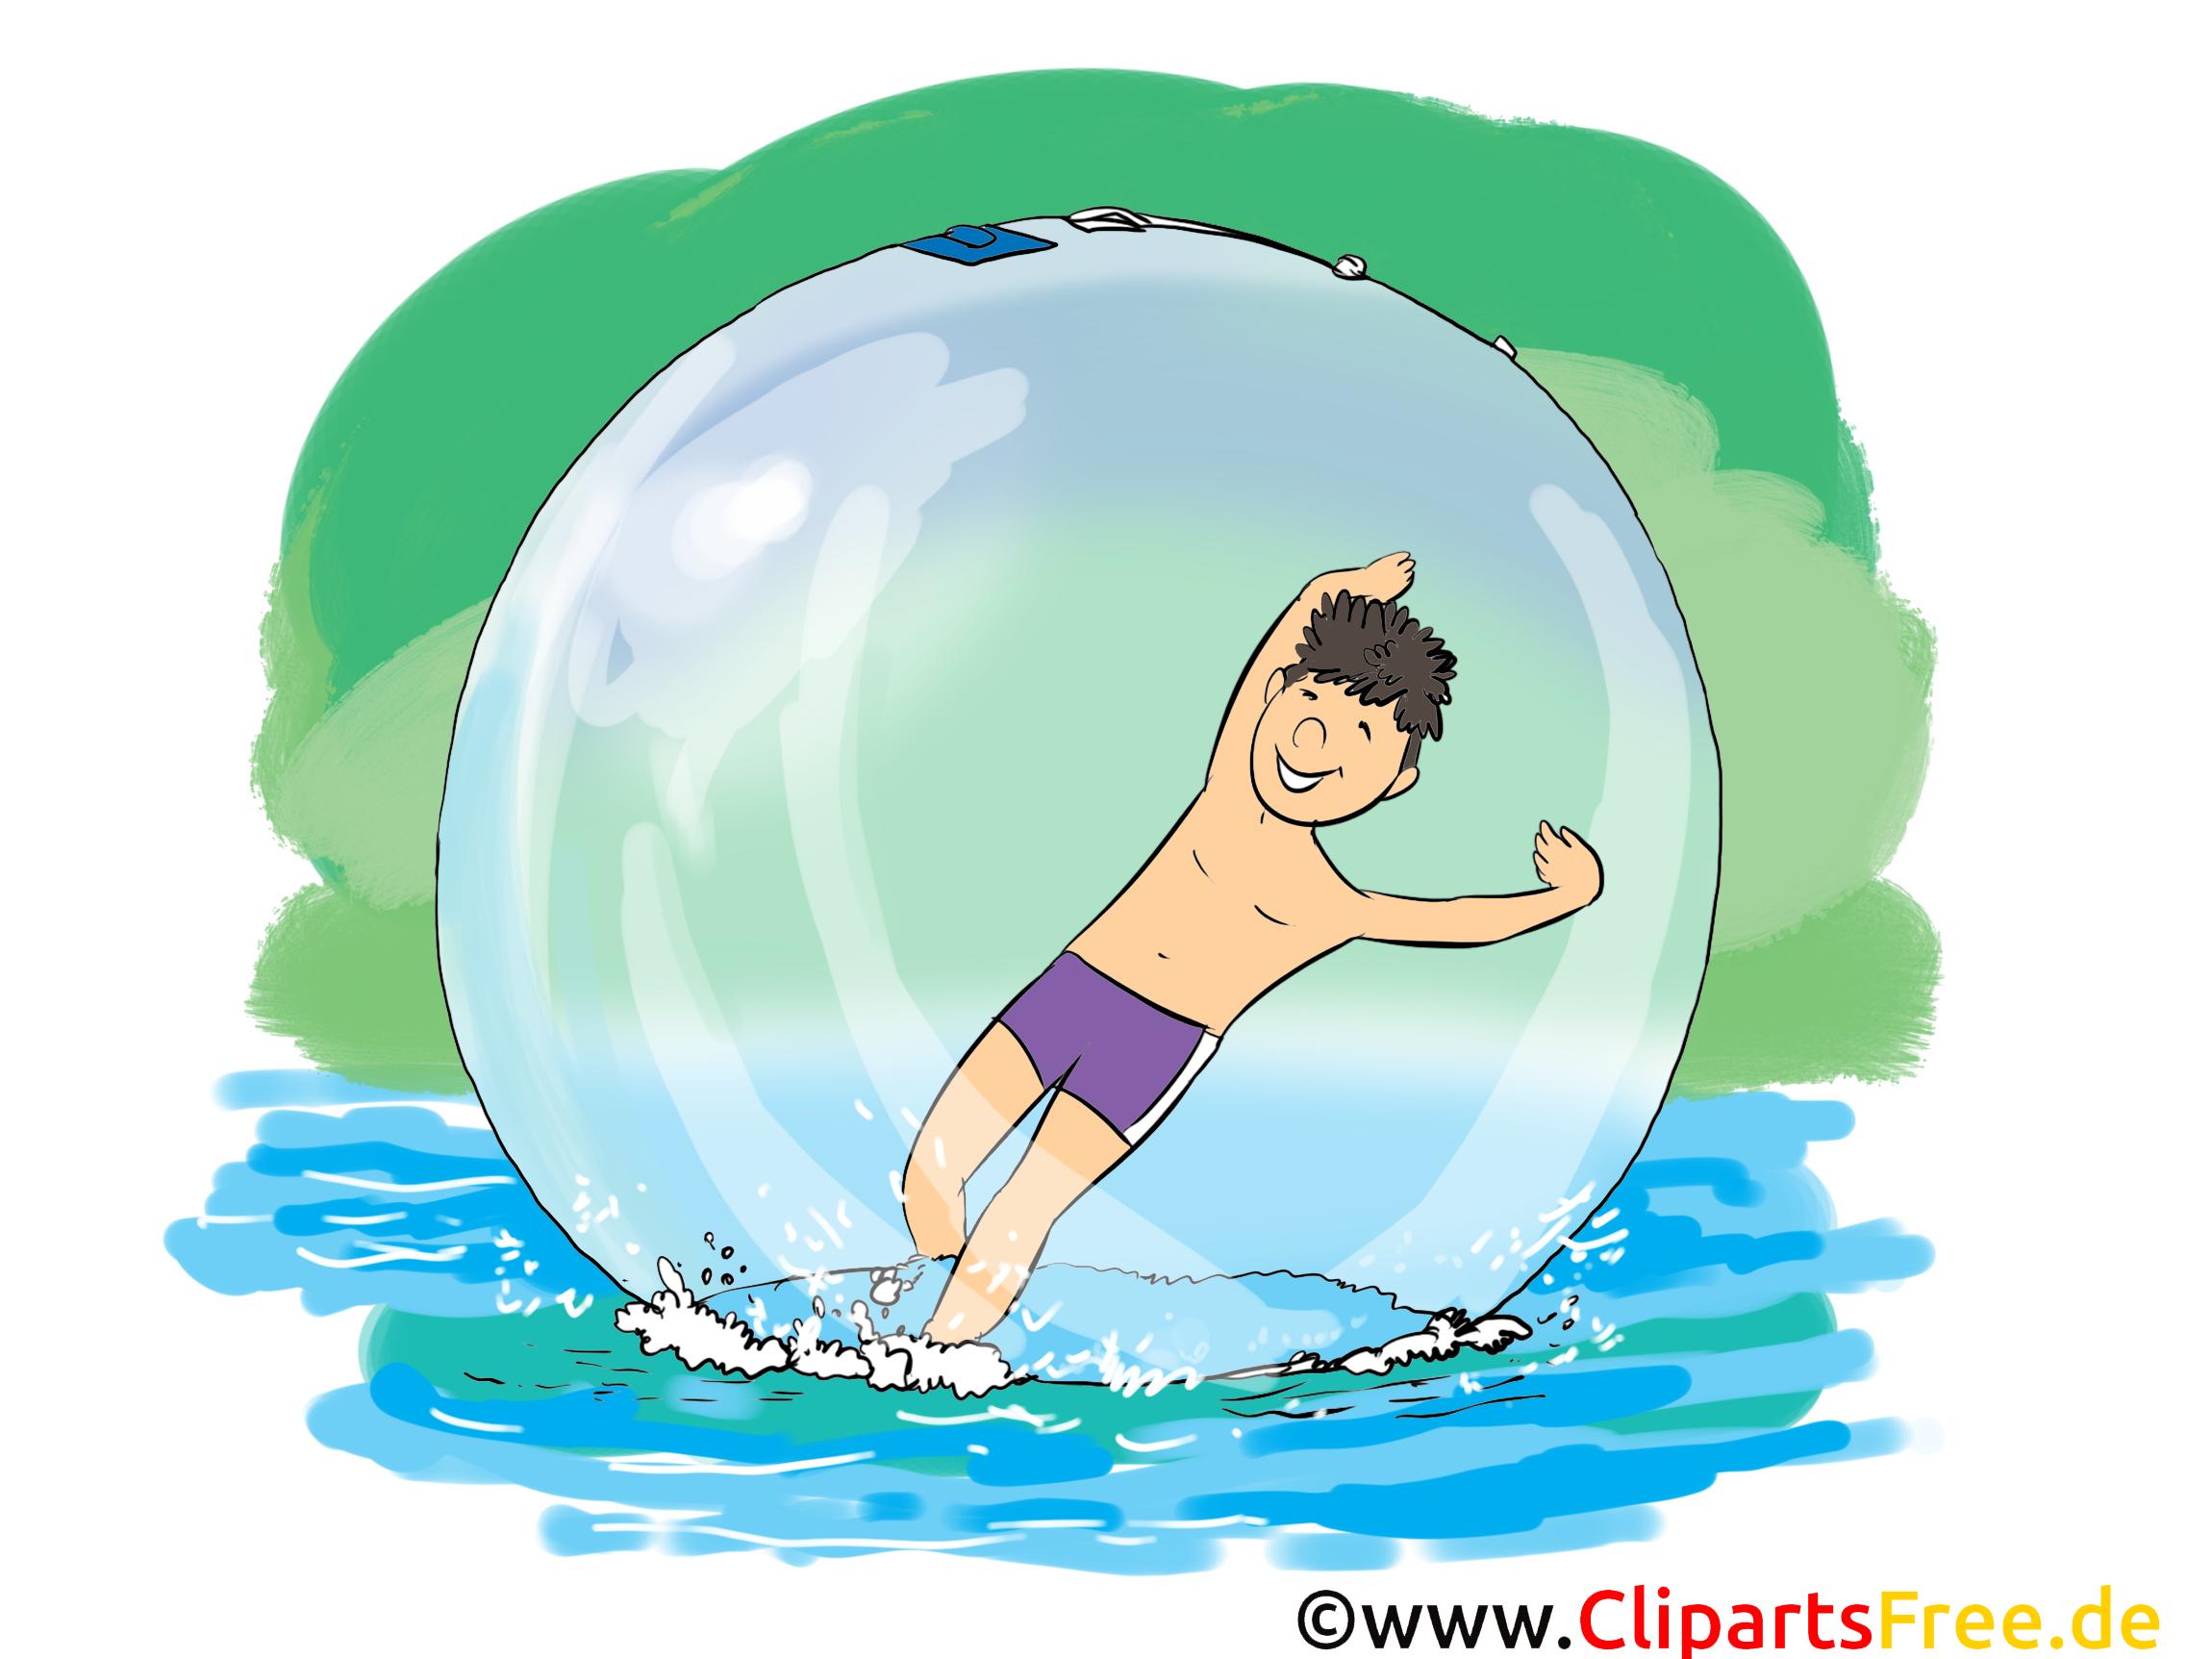 水漫画、クリップアート、イメージ、コミック、イラストの上を走る